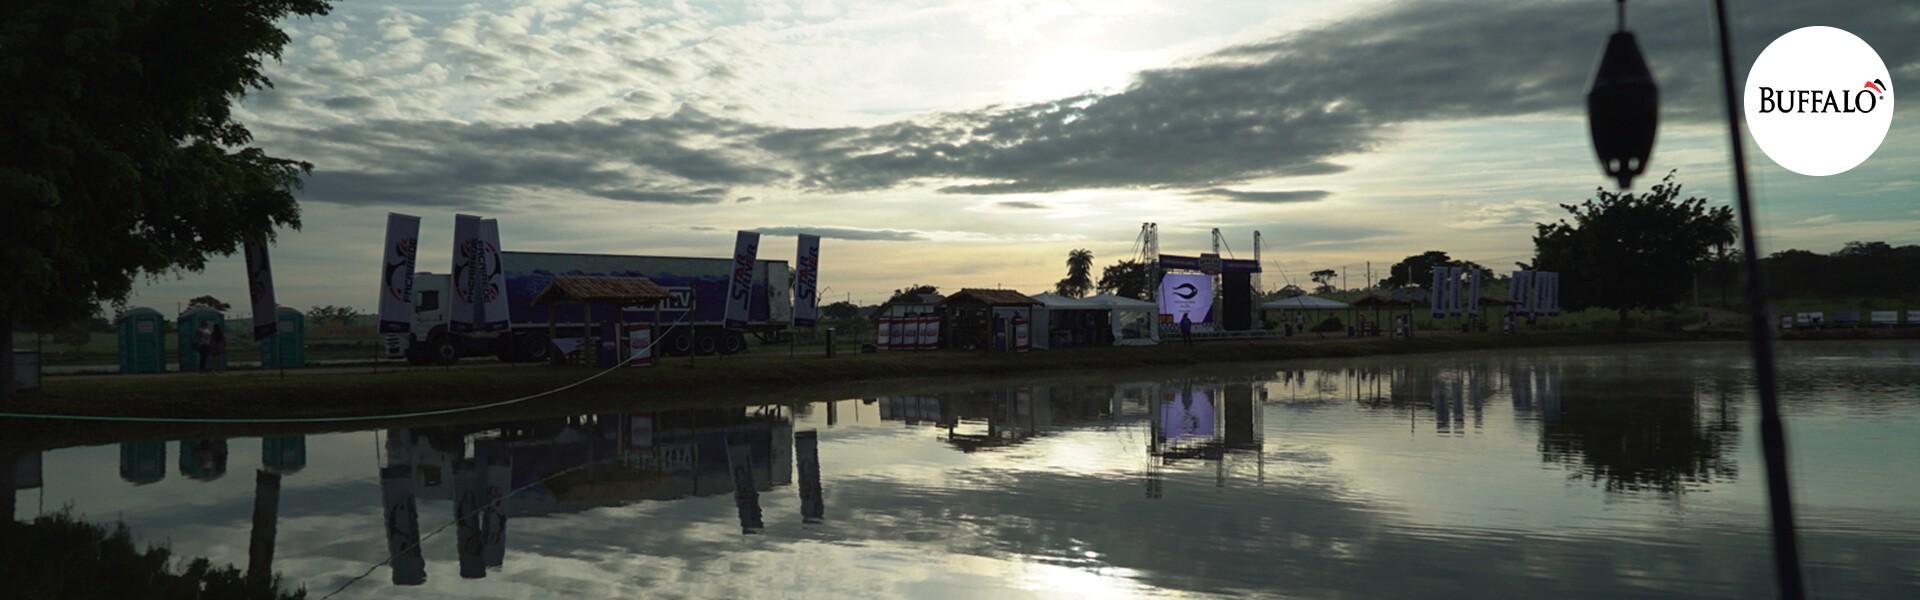 Buffalo Motores começa parceria com Campeonato Brasileiro em Pesqueiros